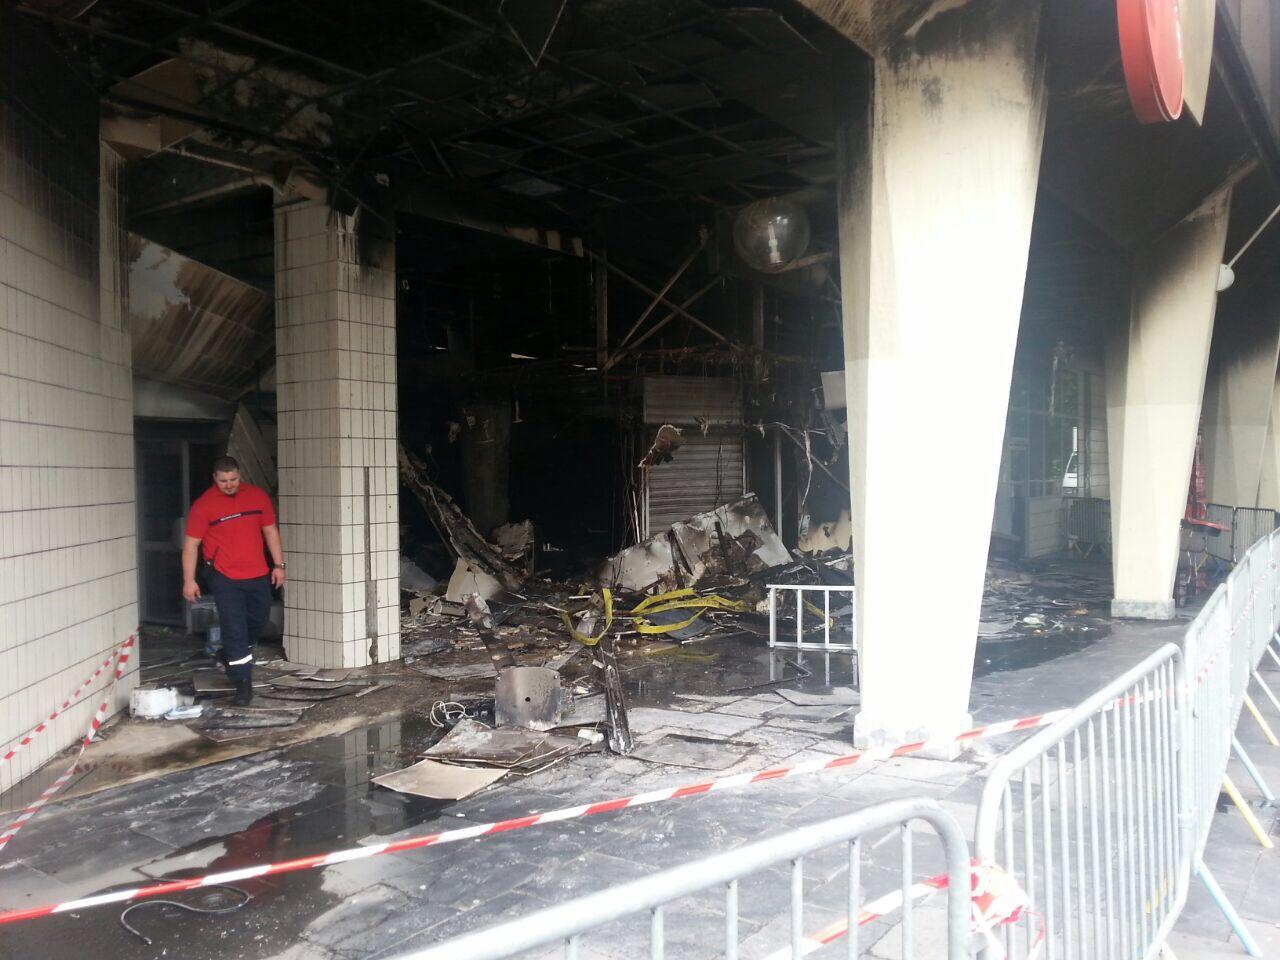 Deze Joodse apotheek werd zondag 20 juli in brand gestoken